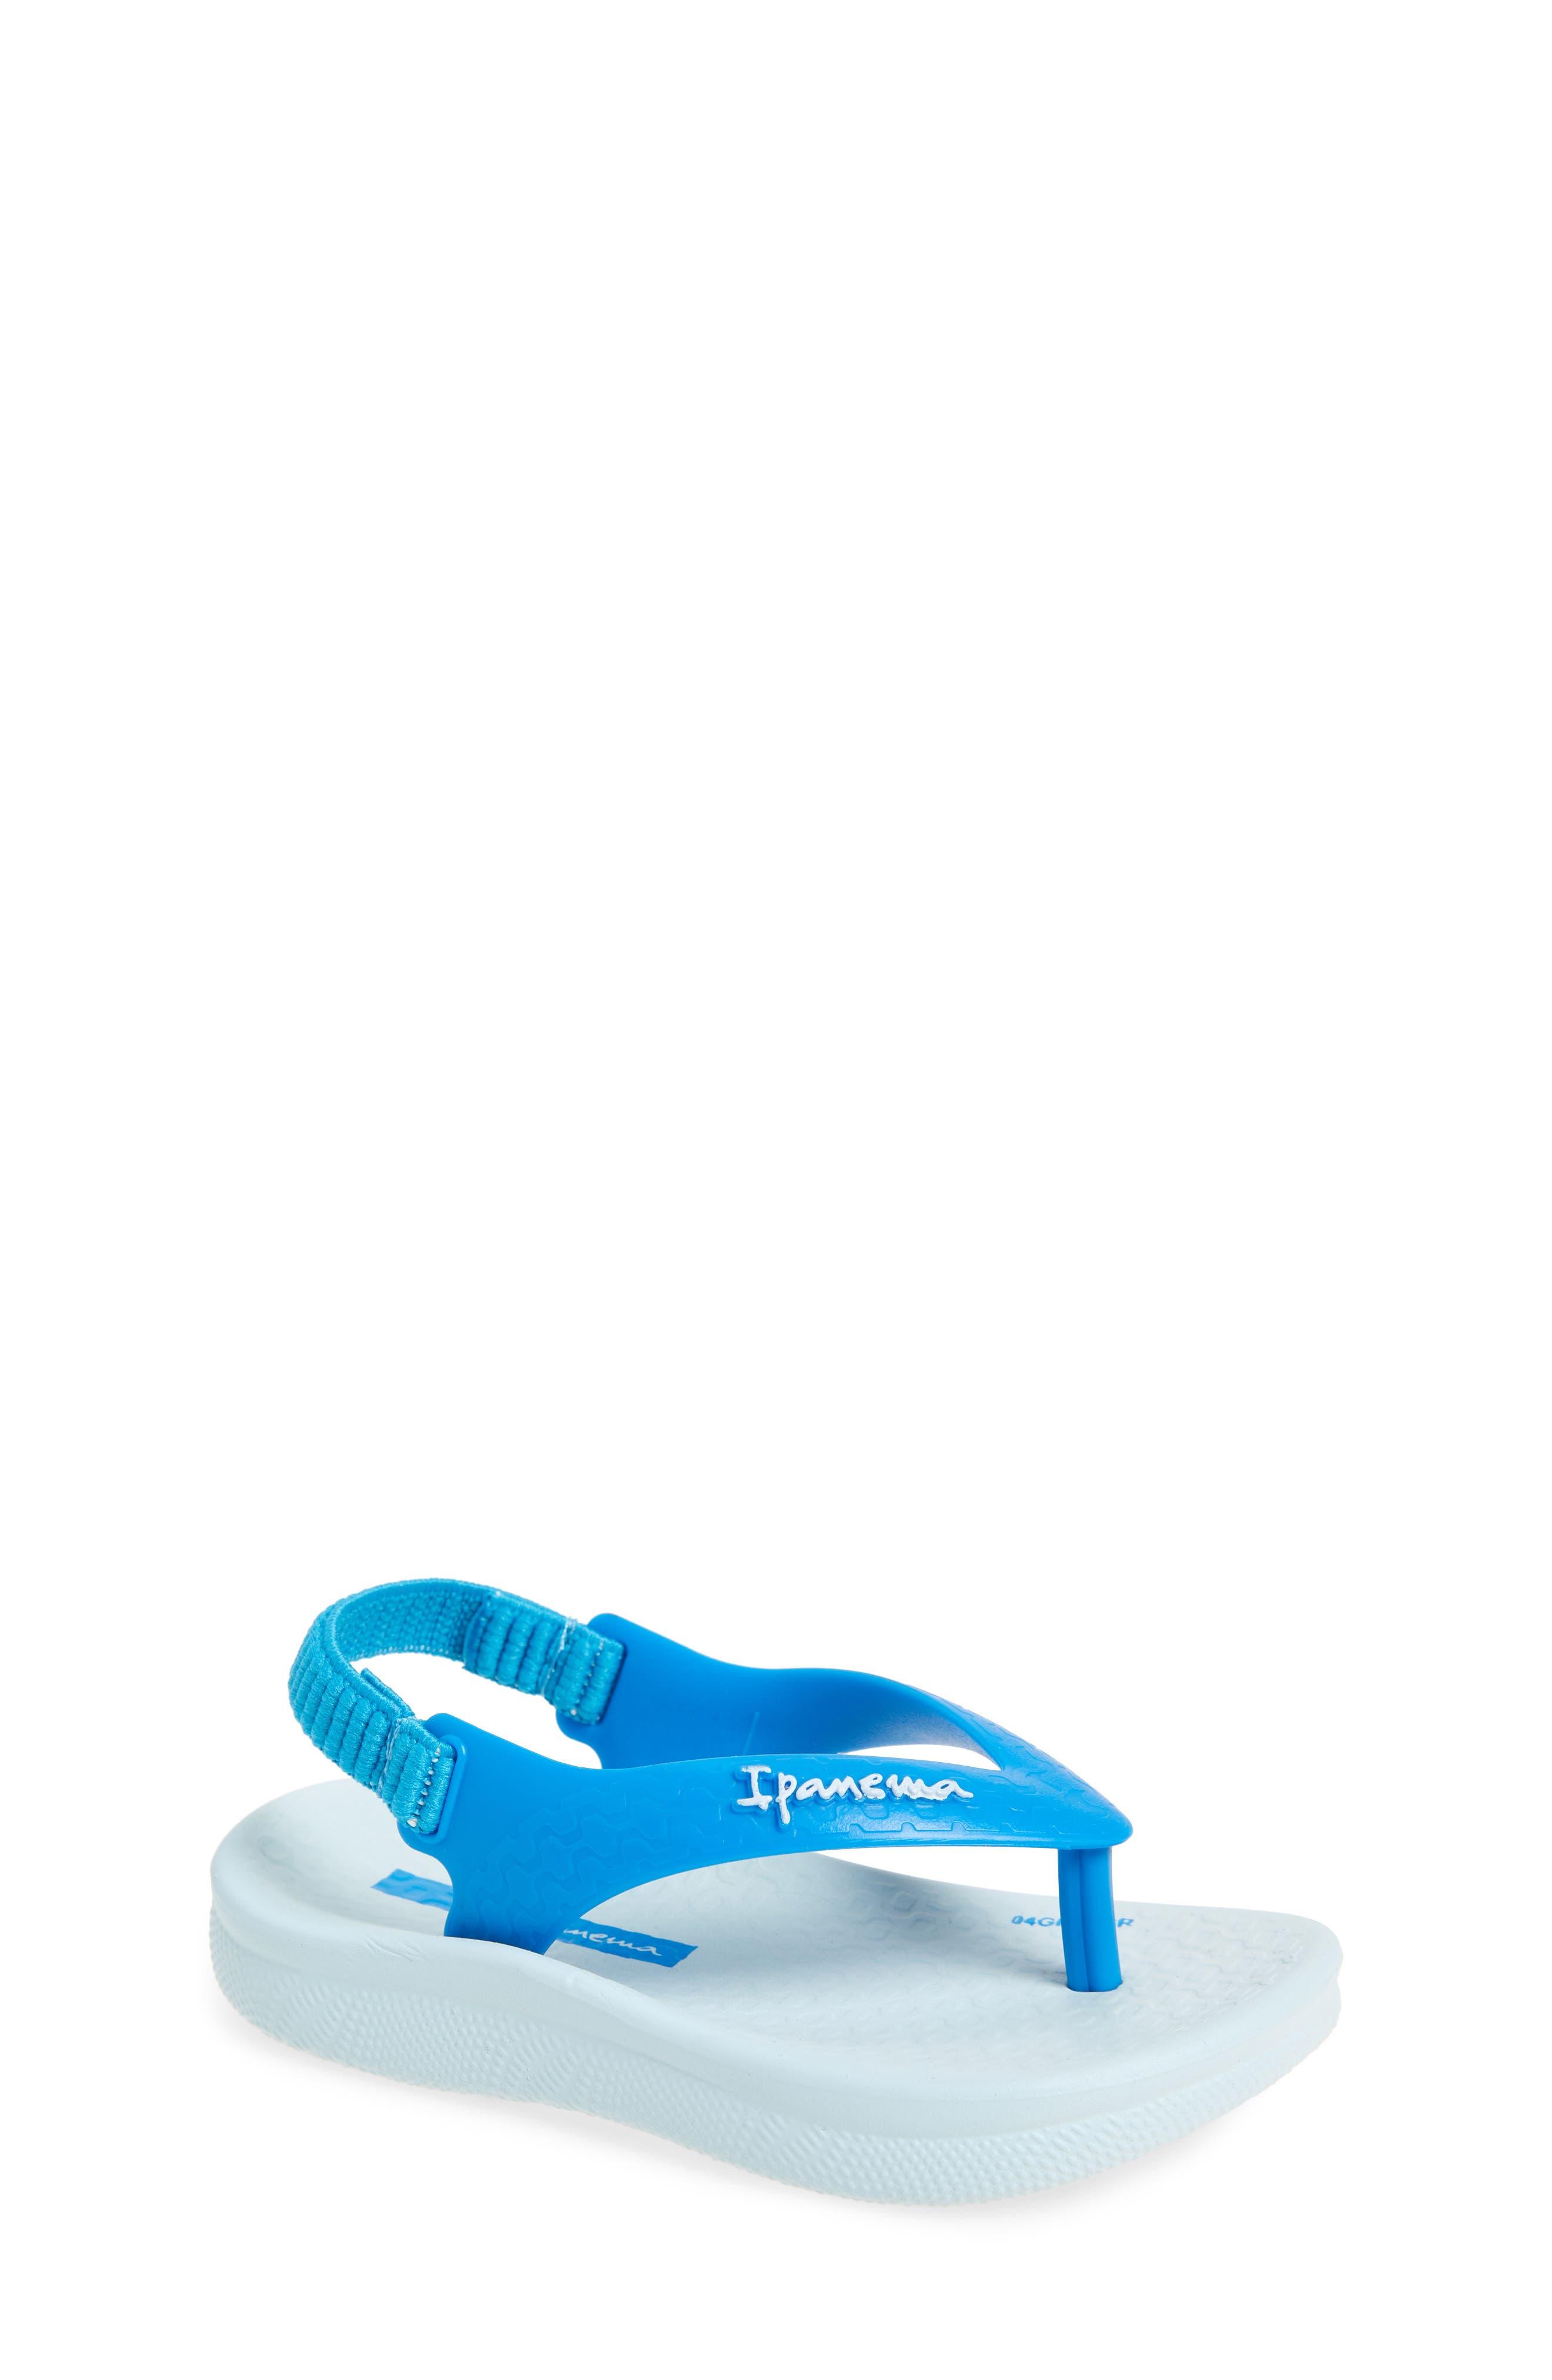 Ana Tan Flip Flop,                         Main,                         color, Blue/ Blue